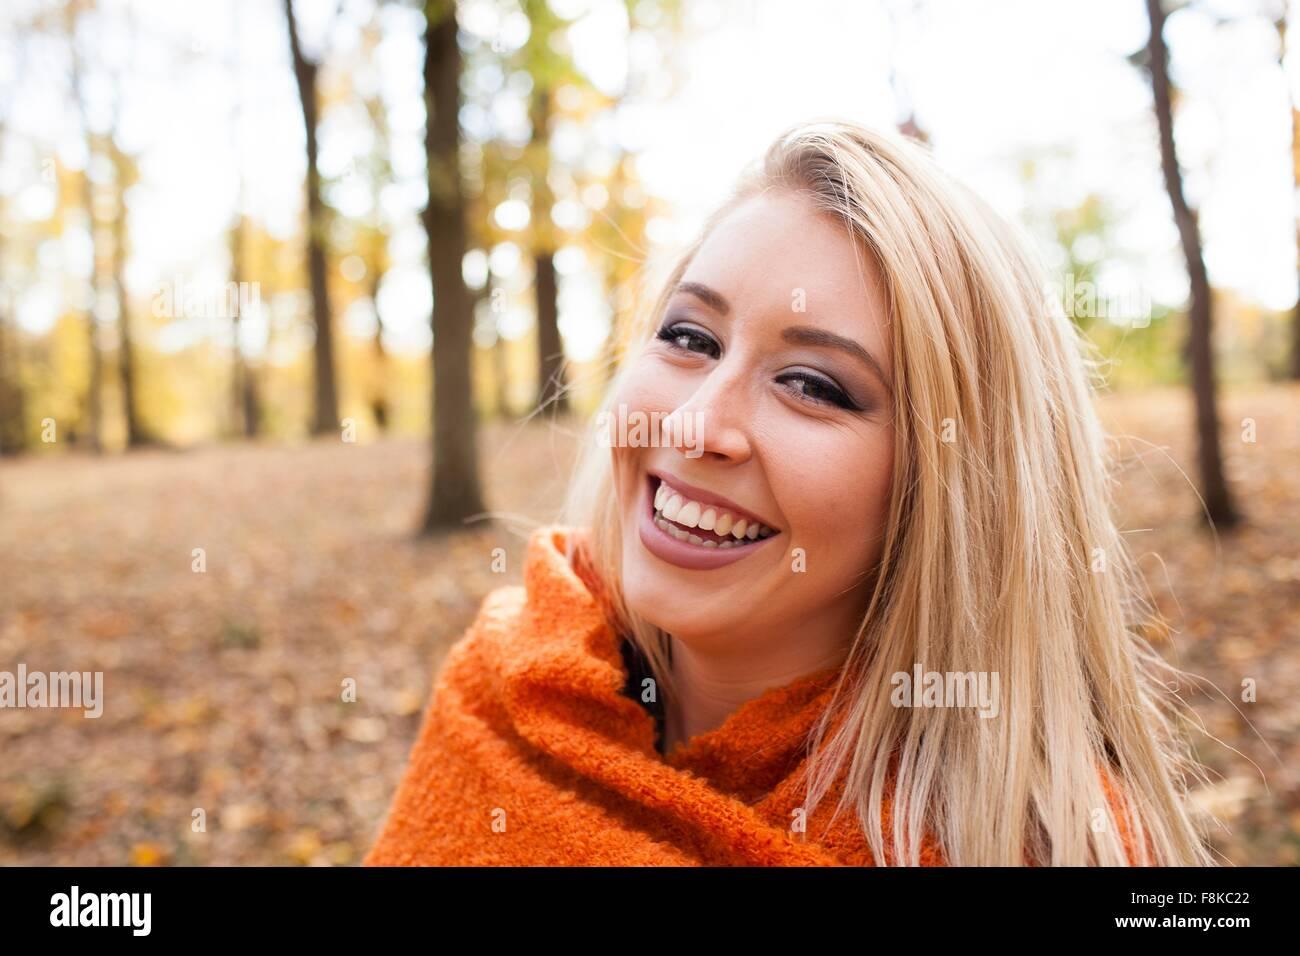 Ritratto di giovane donna con capelli lunghi biondi avvolto in una coperta nella foresta di autunno Immagini Stock